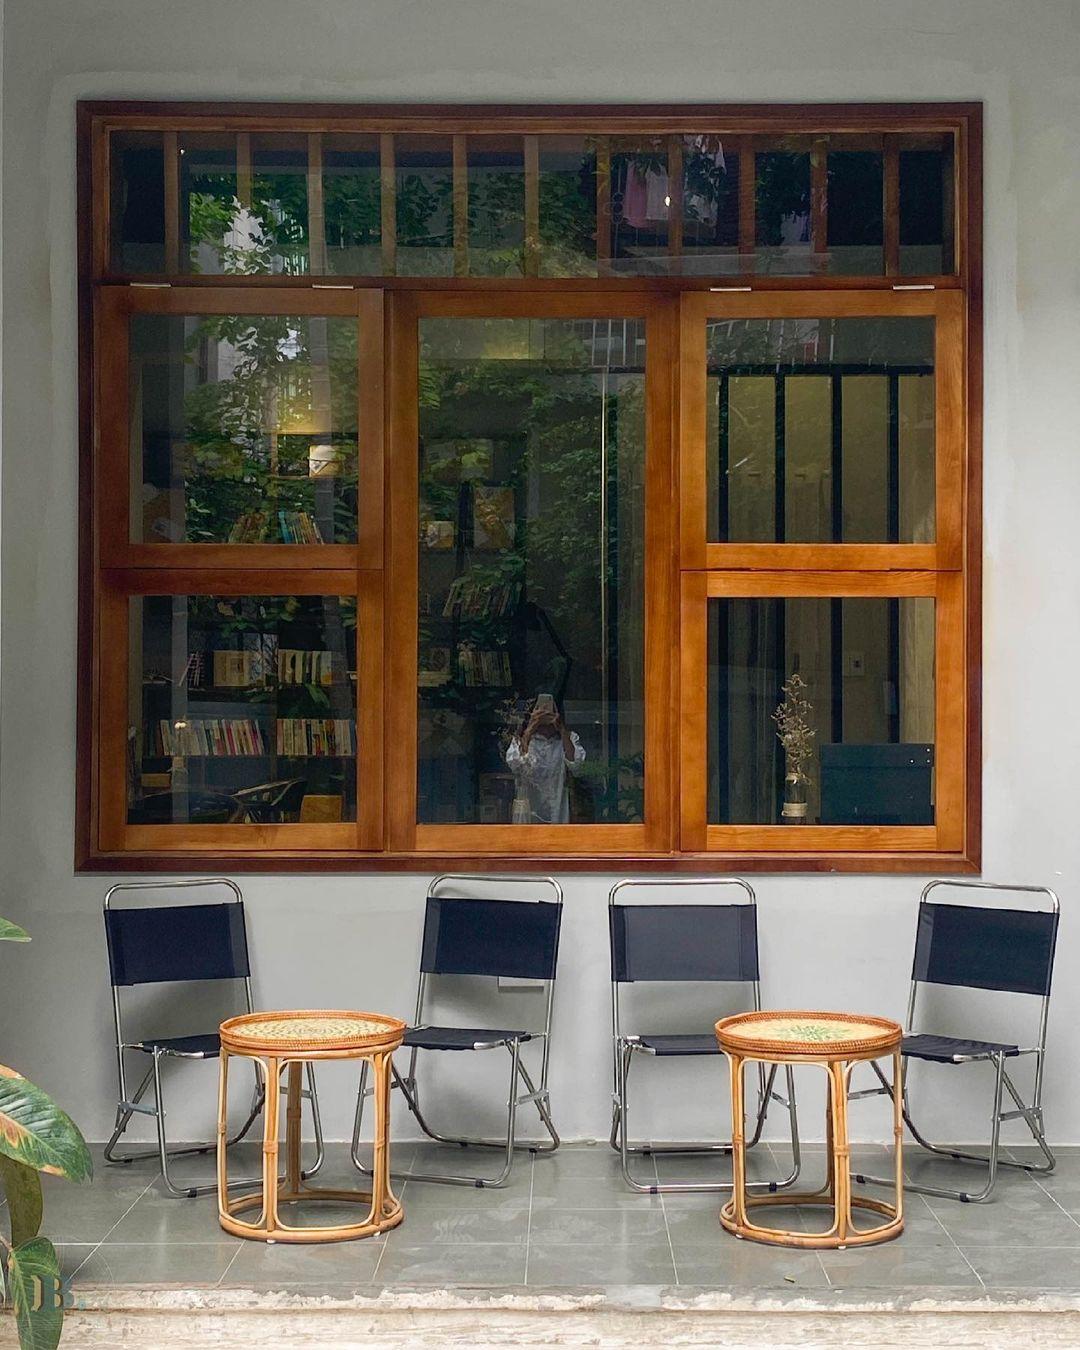 S.ii.U Coffee dành cho những bạn trẻ tìm kiếm sự bình yên giữa Hà Nội ồn ào